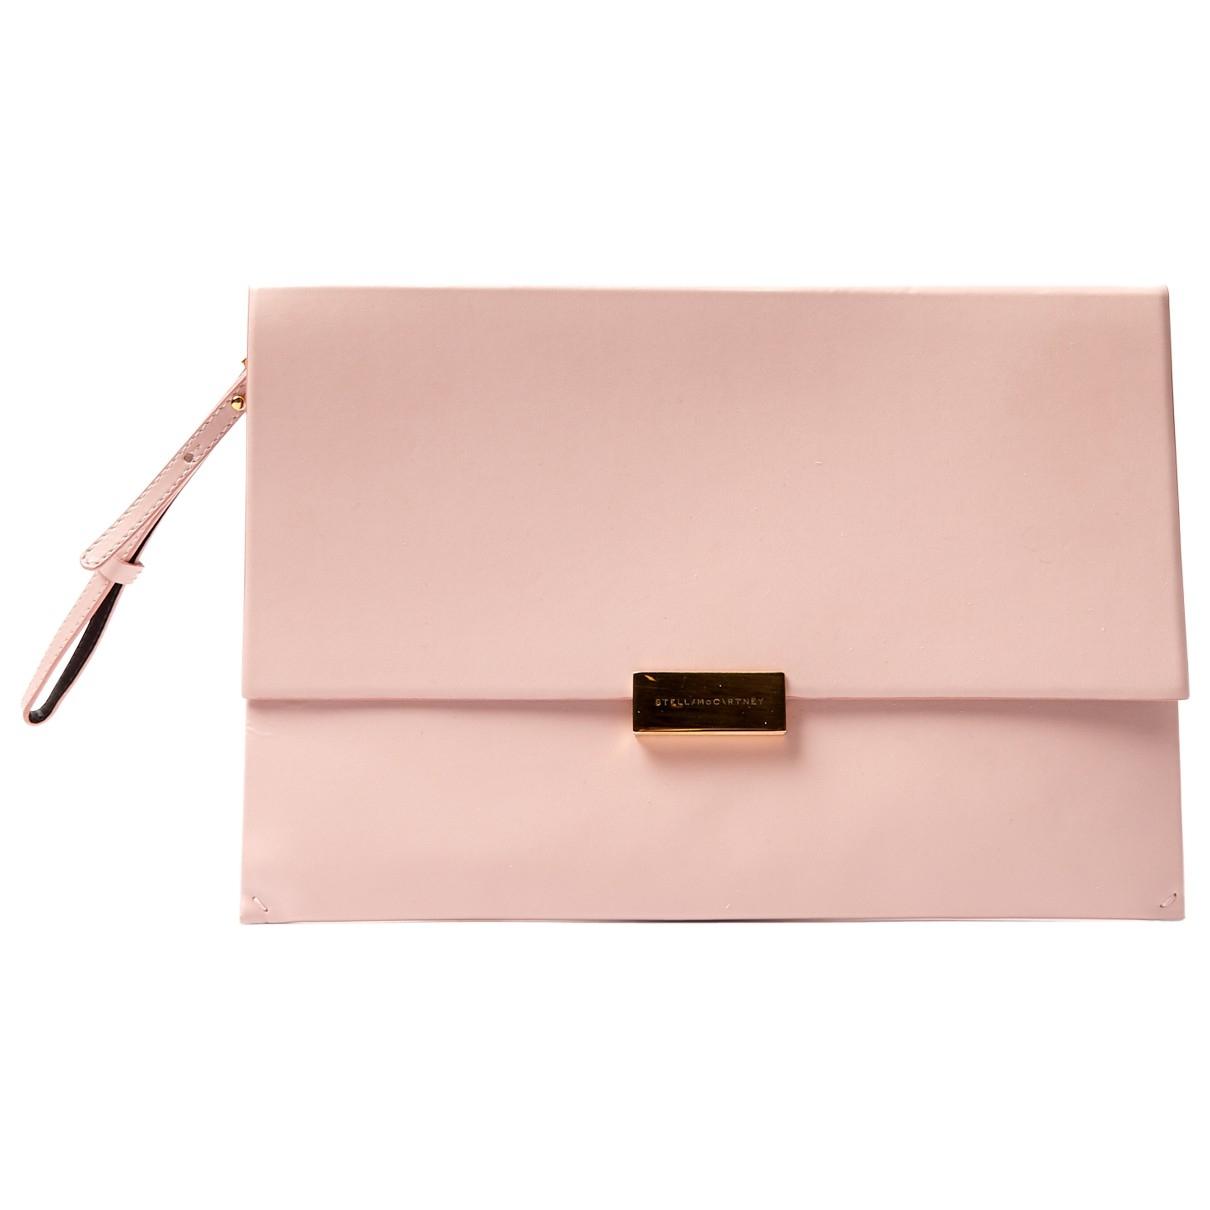 Stella Mccartney \N Pink Clutch bag for Women \N